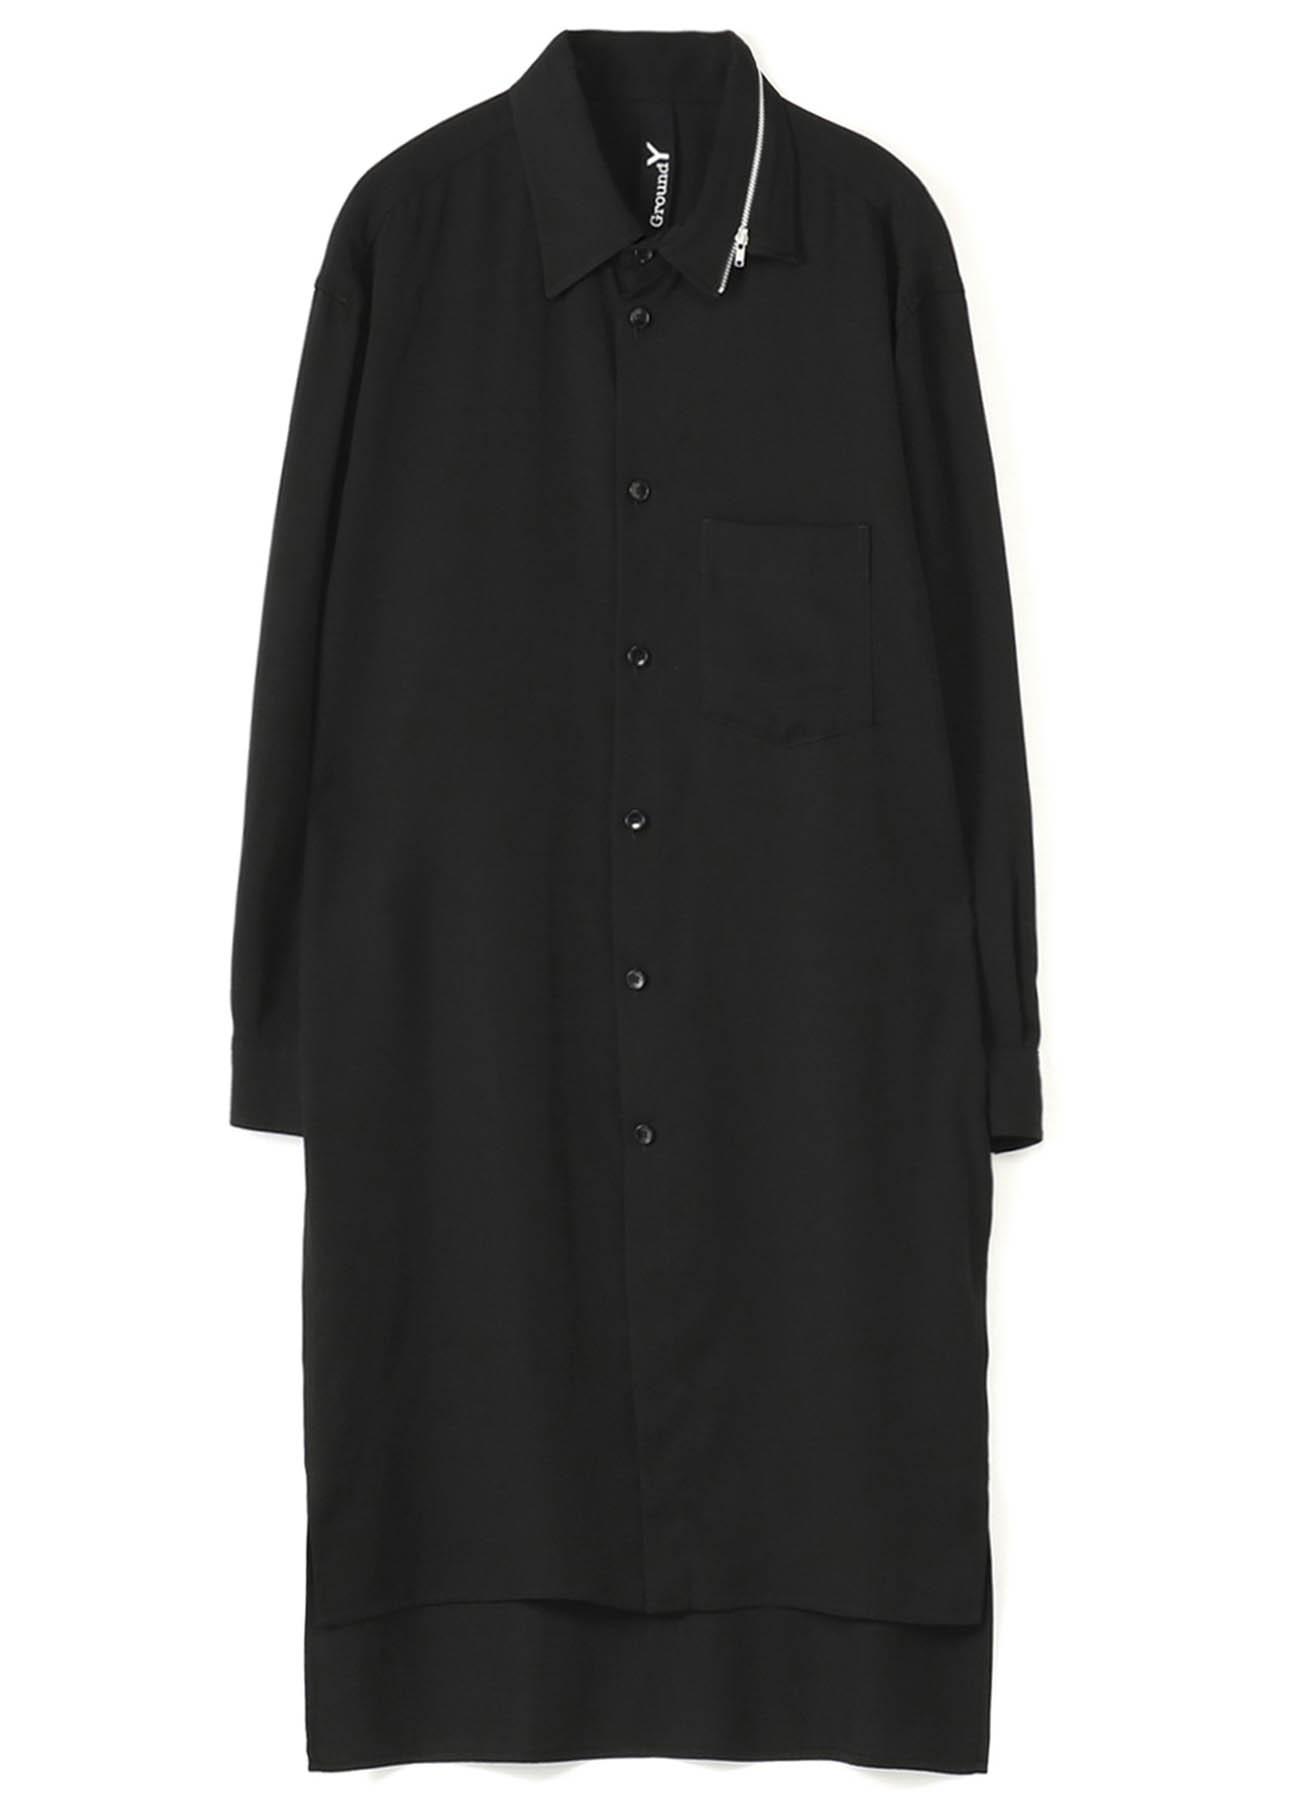 TE/Burberry Zipper Collar Shirt